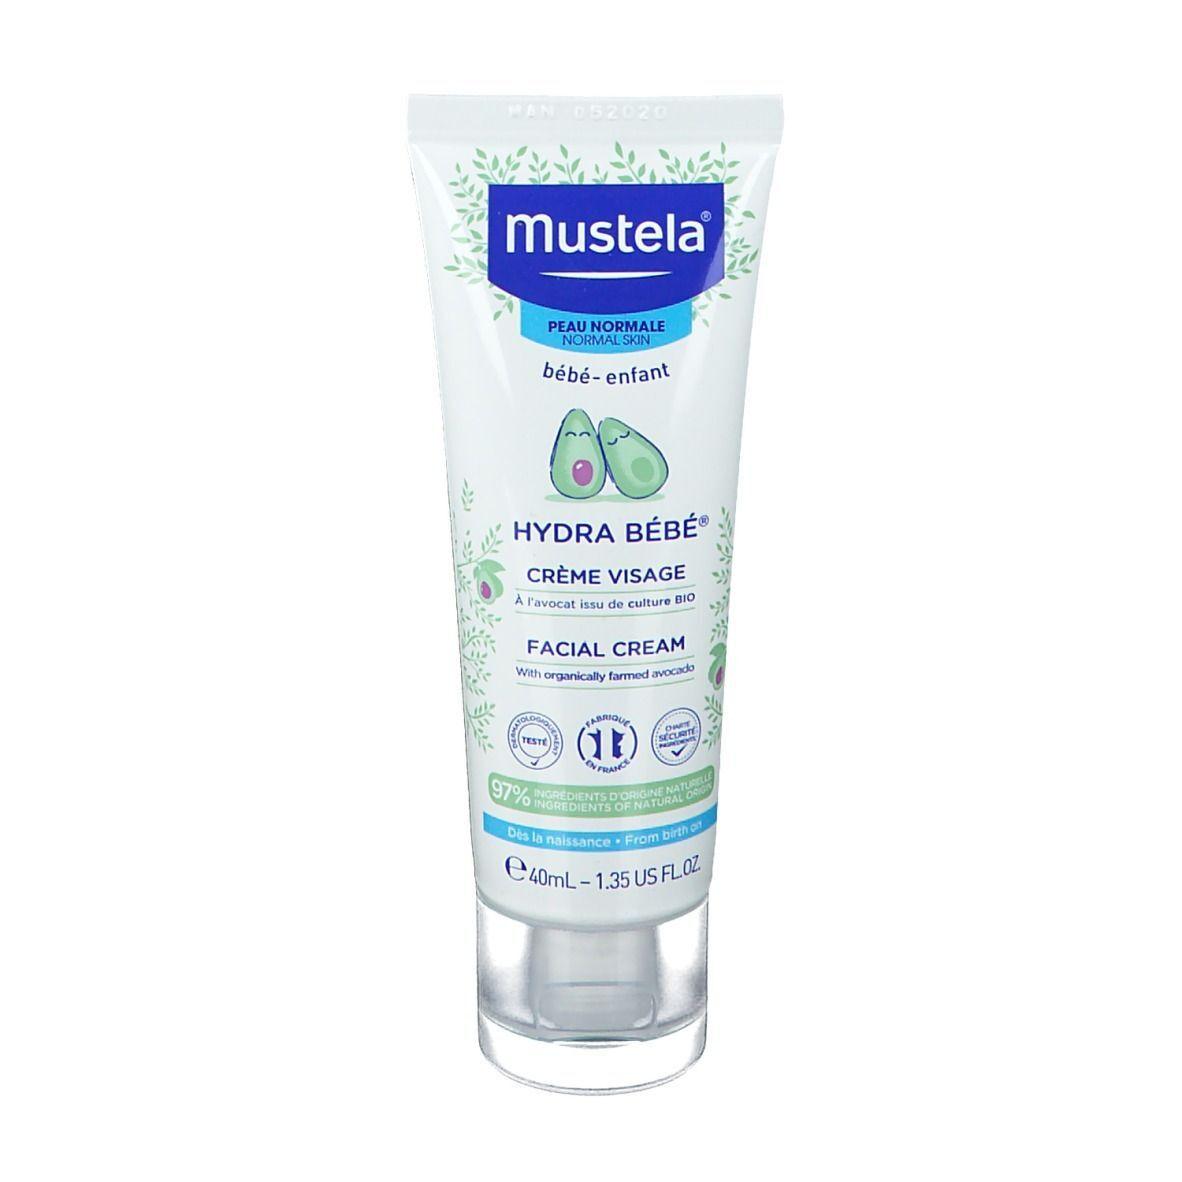 mustela® Bébé Enfant Hydra Bébé® Crème Visage Peau Normale ml crème